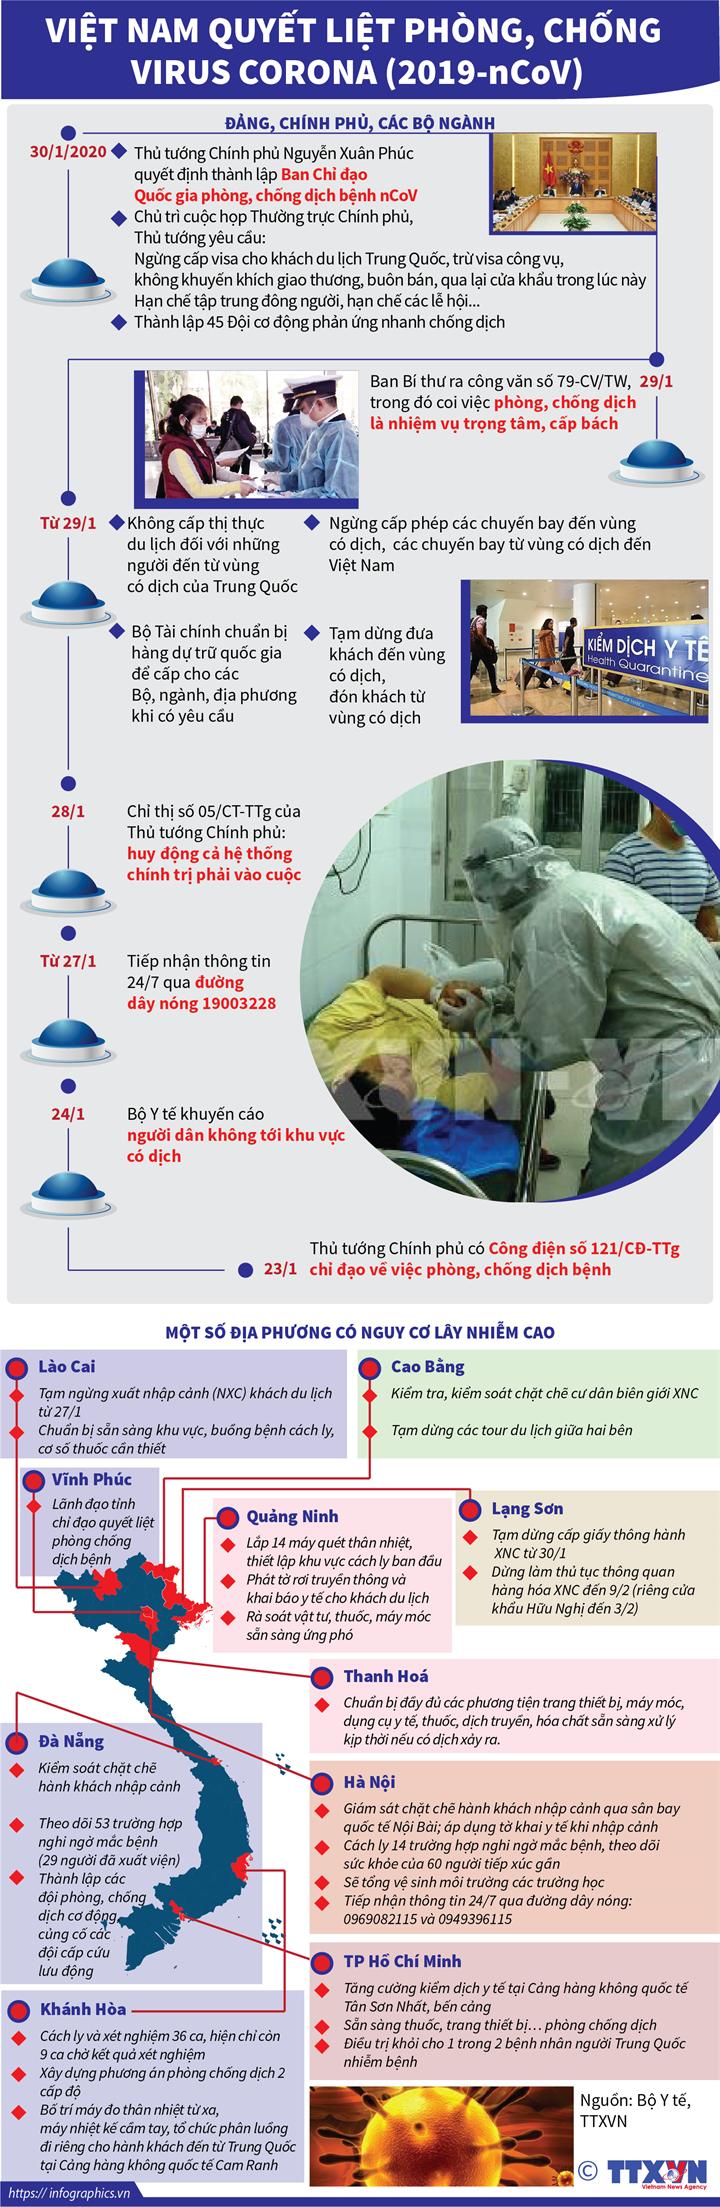 Việt Nam quyết liệt phòng, chống virus Corona (2019-nCoV)